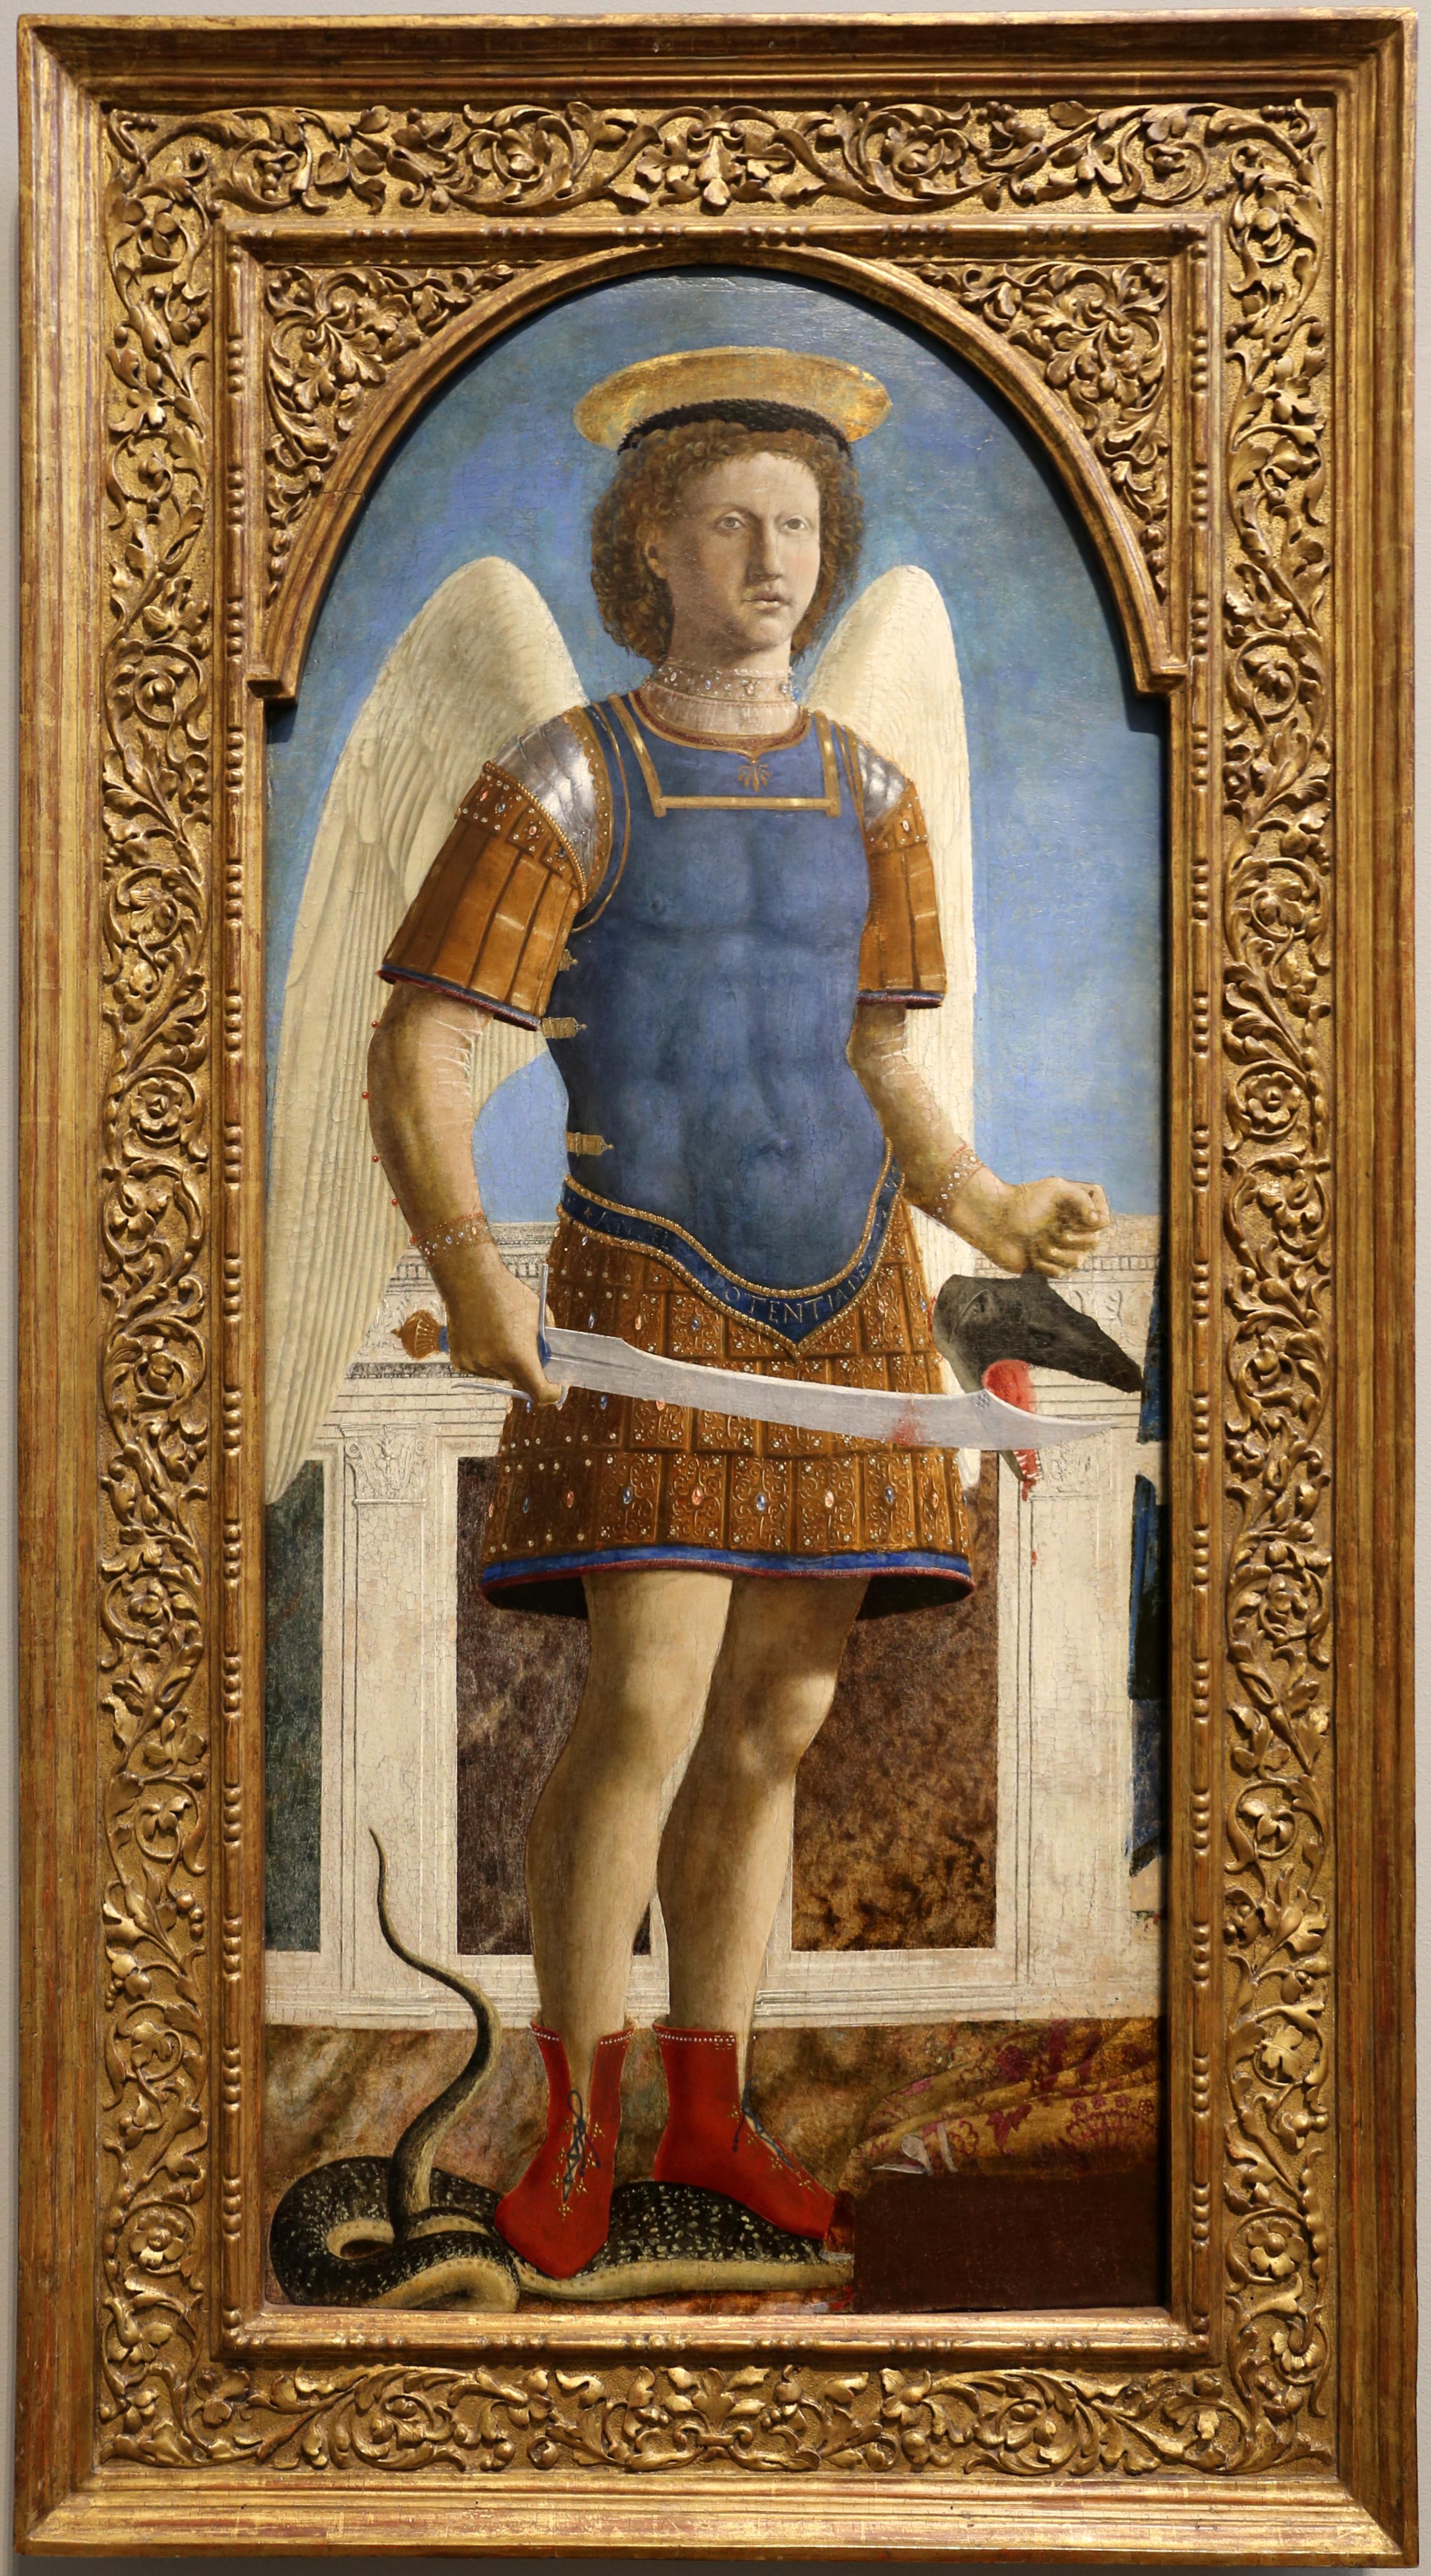 St. Michael by Piero della Francesca